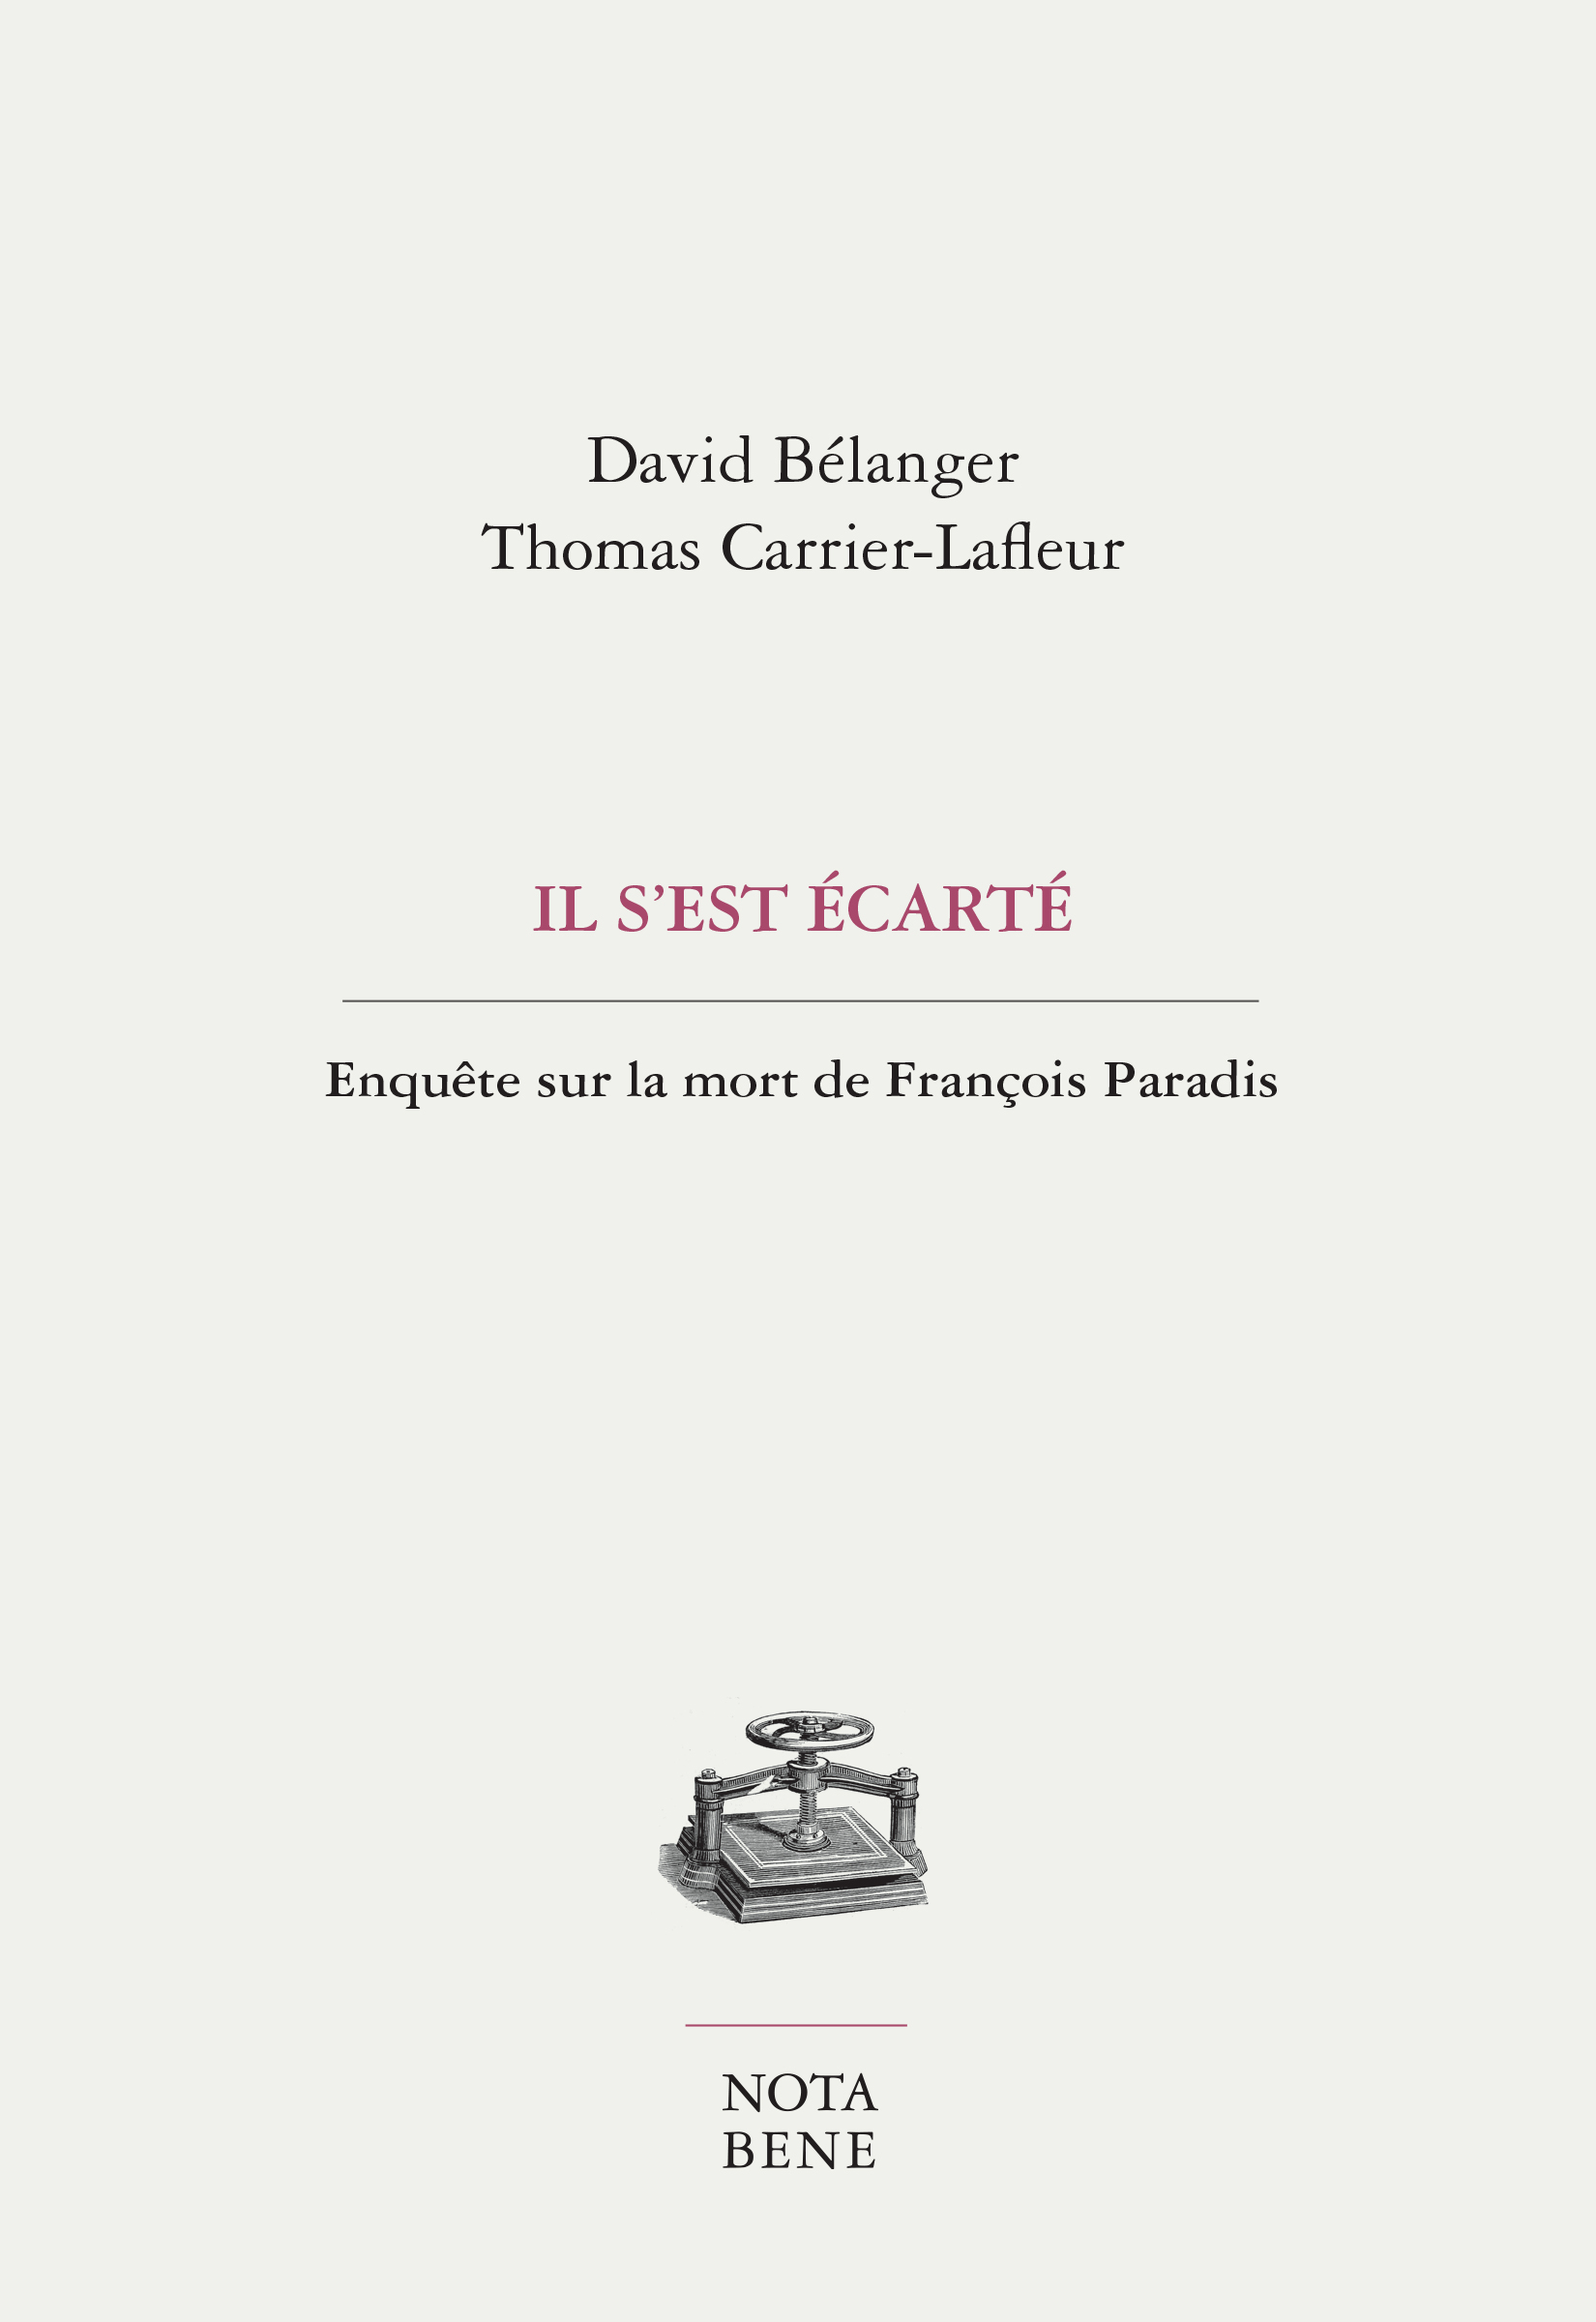 D. Bélanger, Th. Carrier-Lafleur, Il s'est écarté. Enquête sur la mort de François Paradis